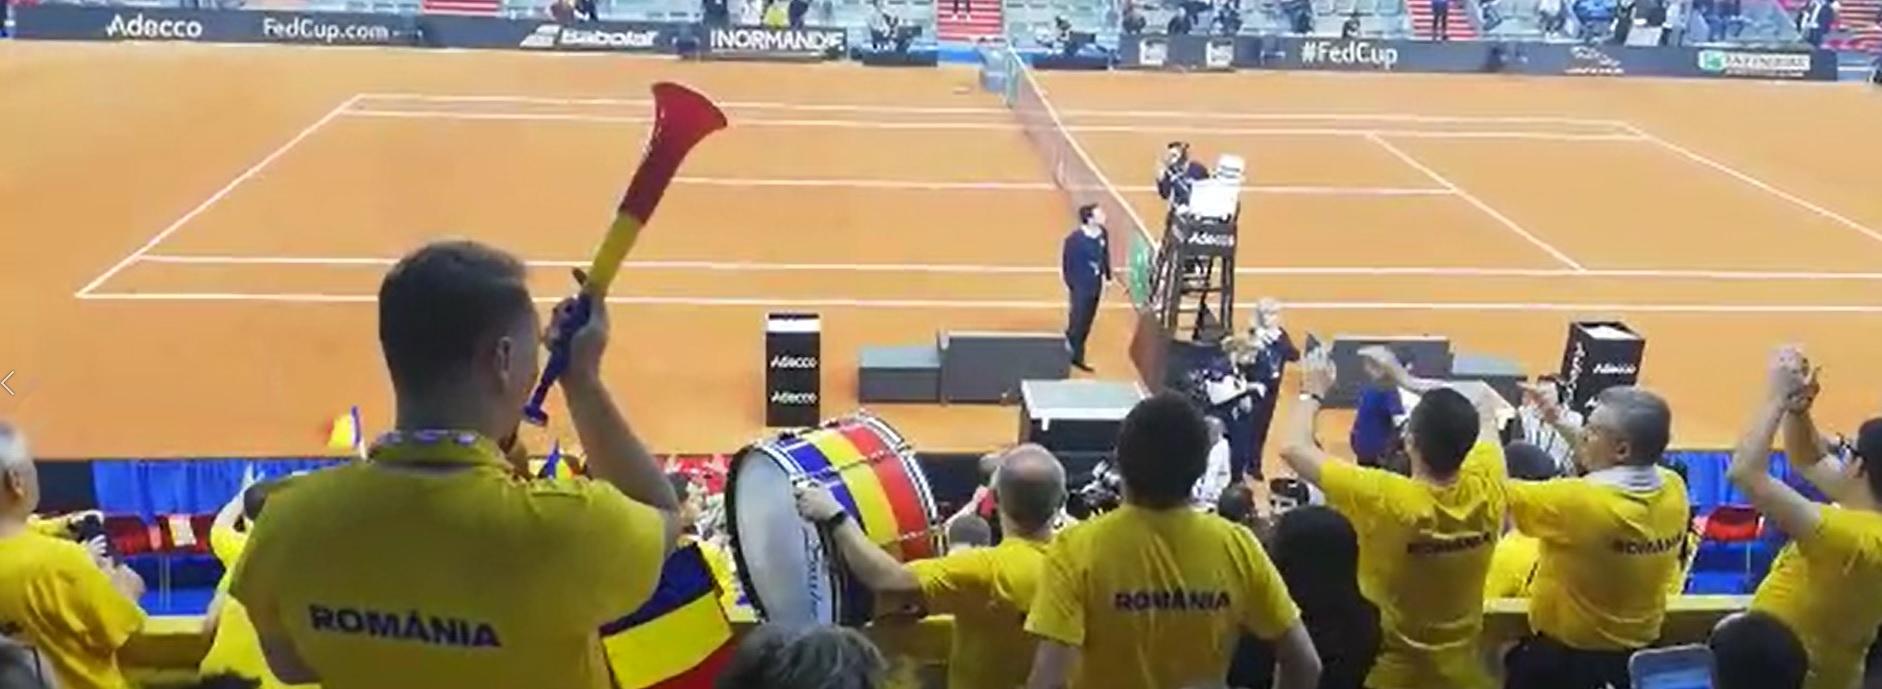 FRANTA - ROMANIA FED CUP | Imagini spectaculoase din sala: Emil Boc, sef de galerie! VIDEO